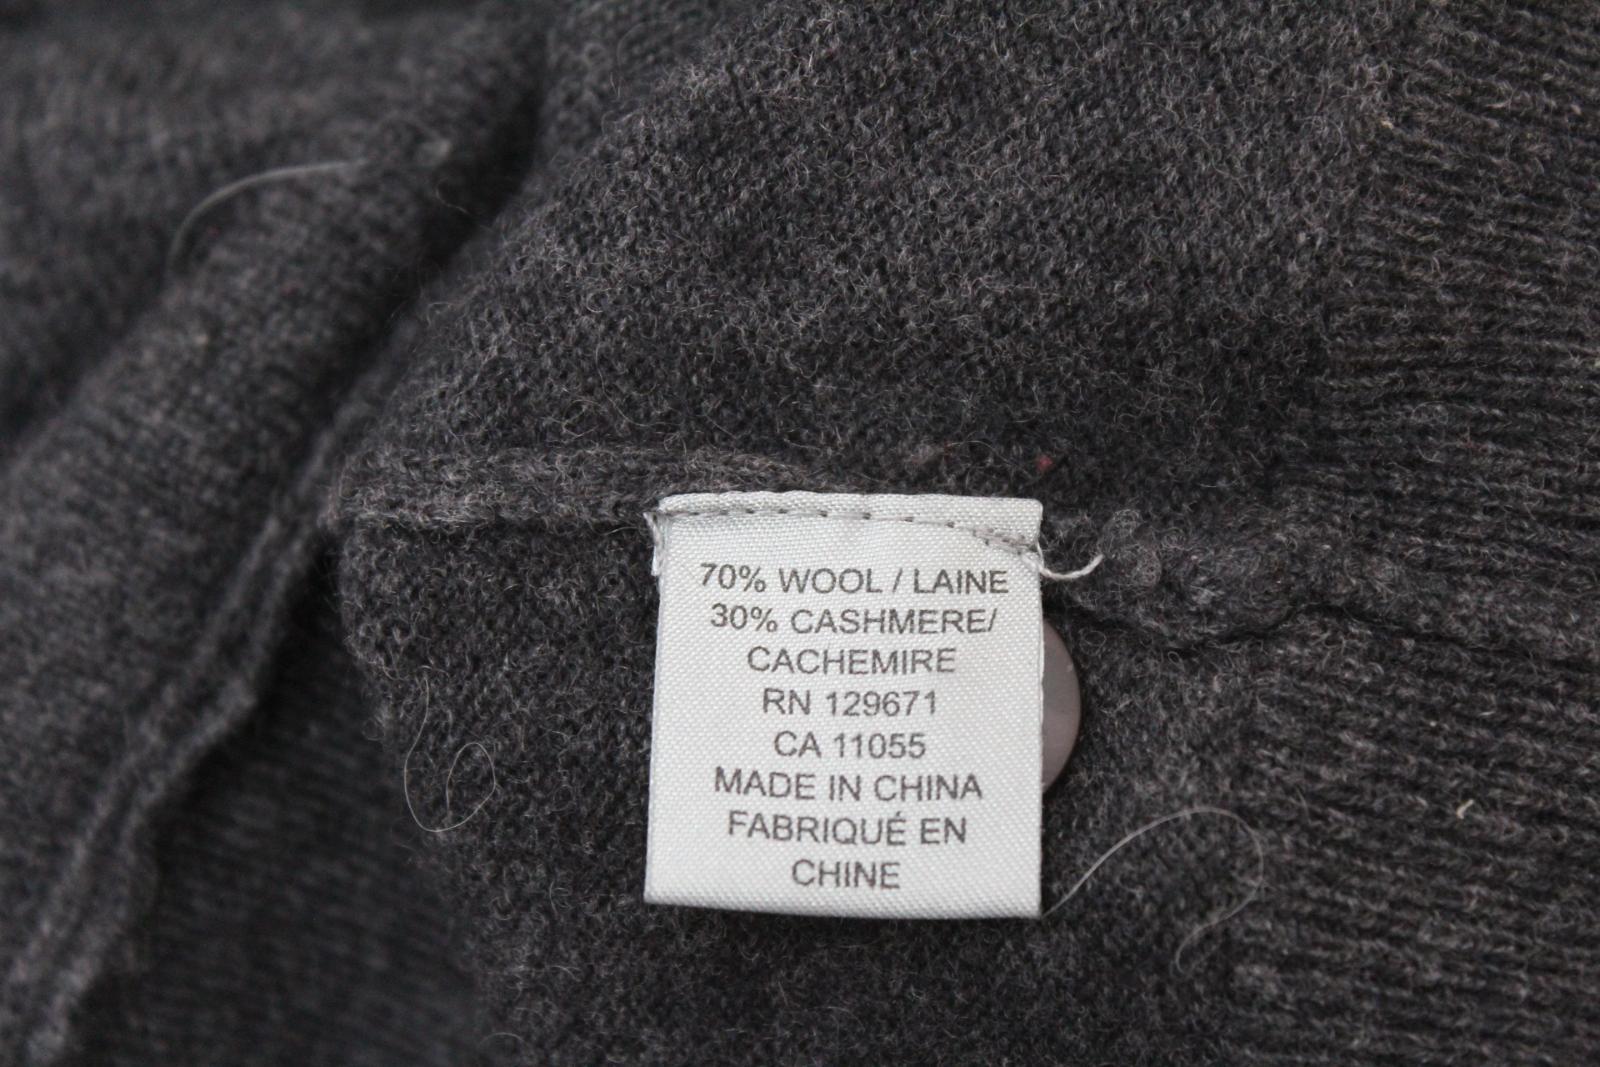 360-cashmere-femme-en-laine-melangee-gris-a-manches-longues-col-V-Tricot-Cardigan-S miniature 9